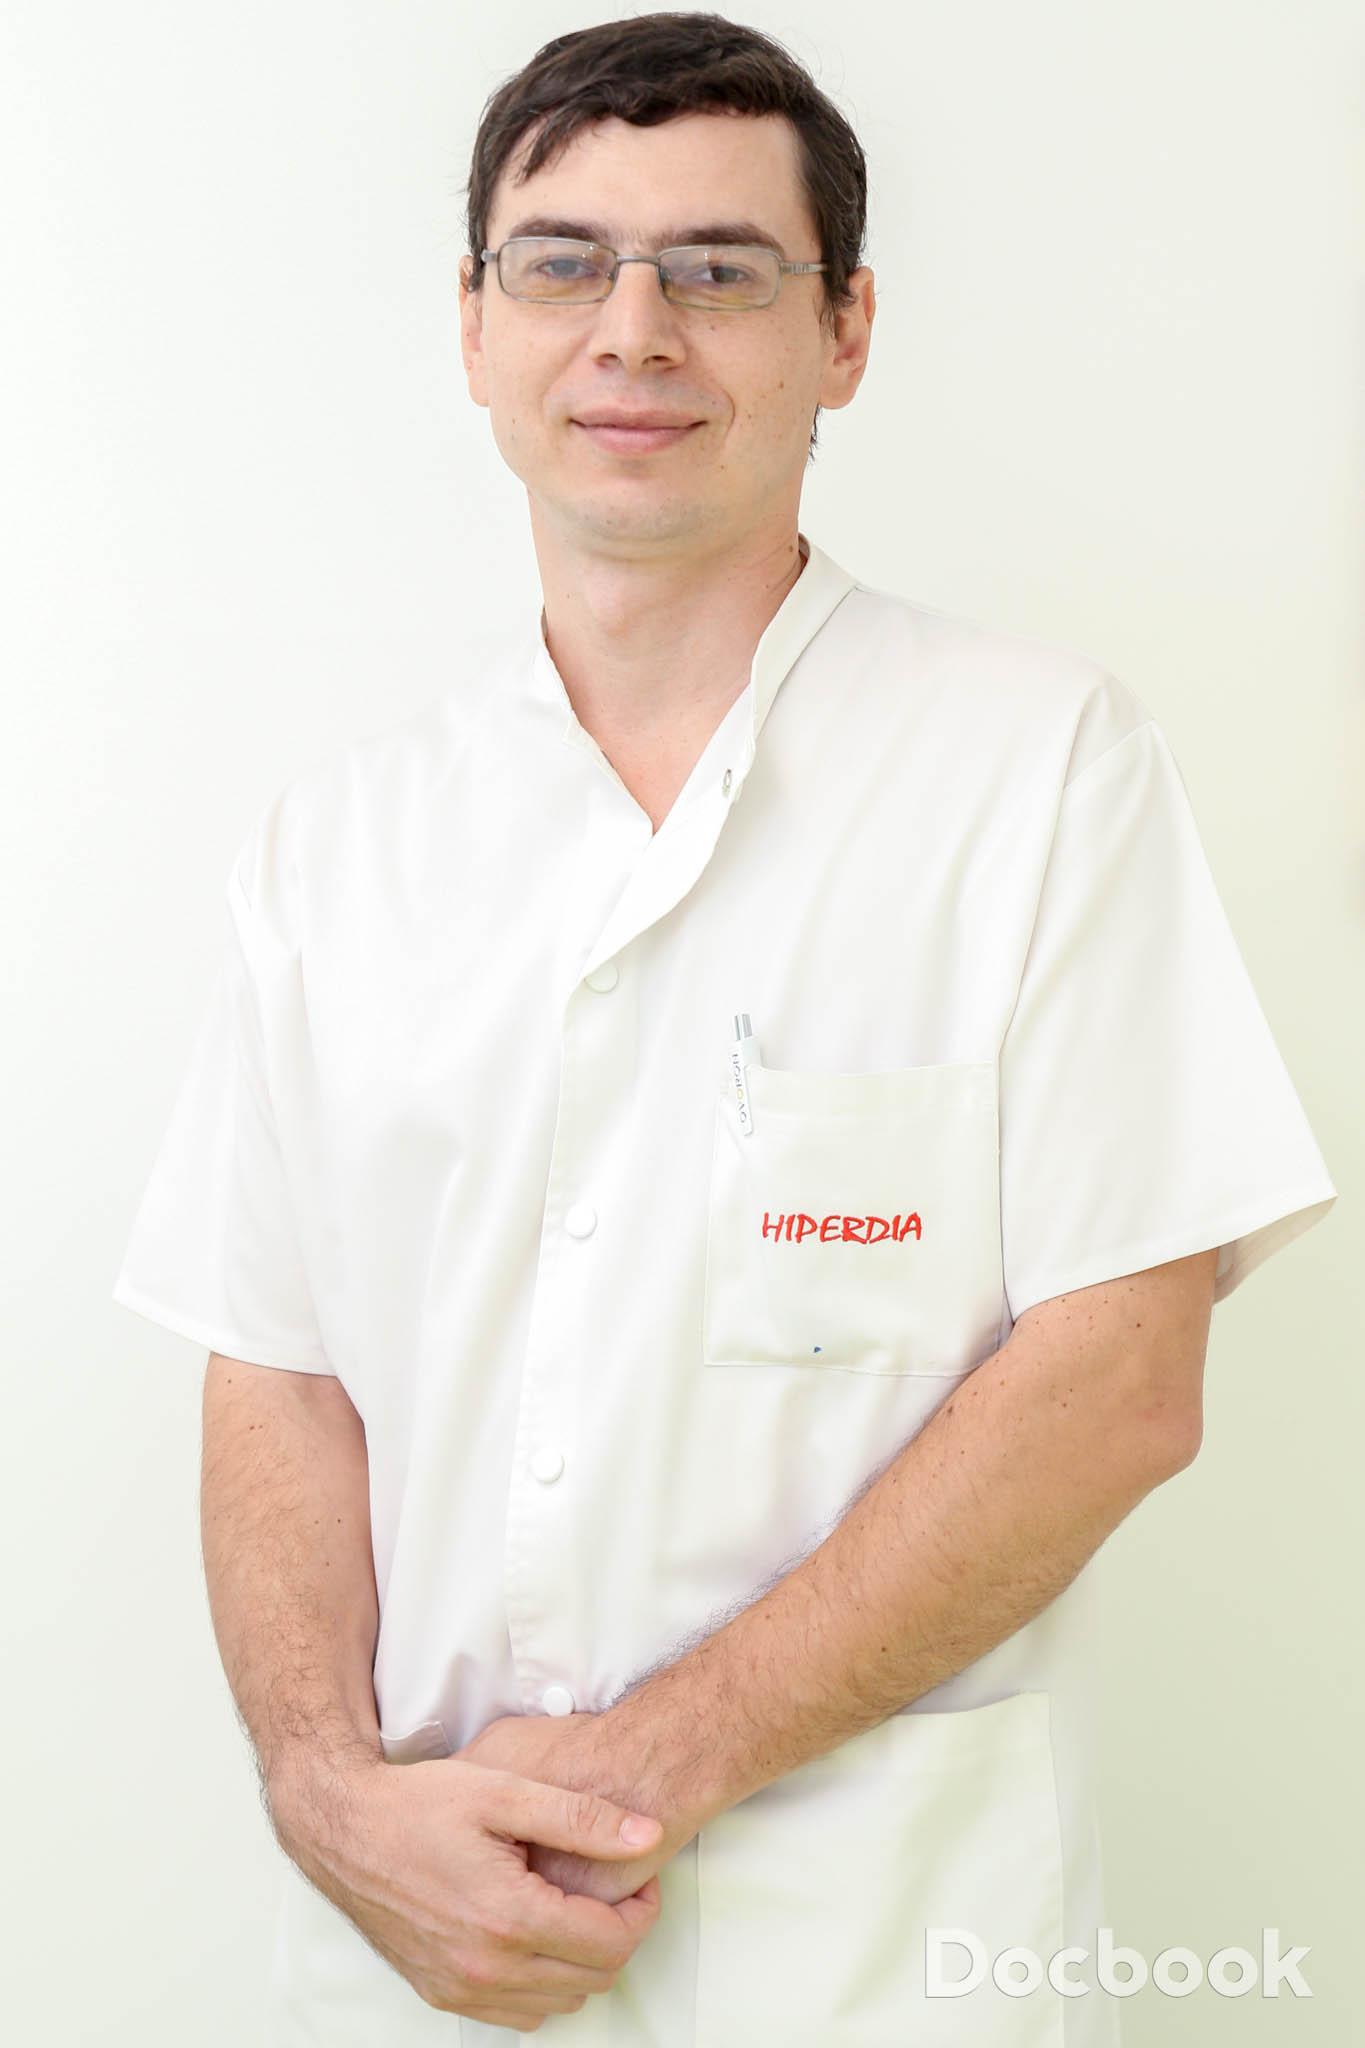 Dr. Daniel Sontu